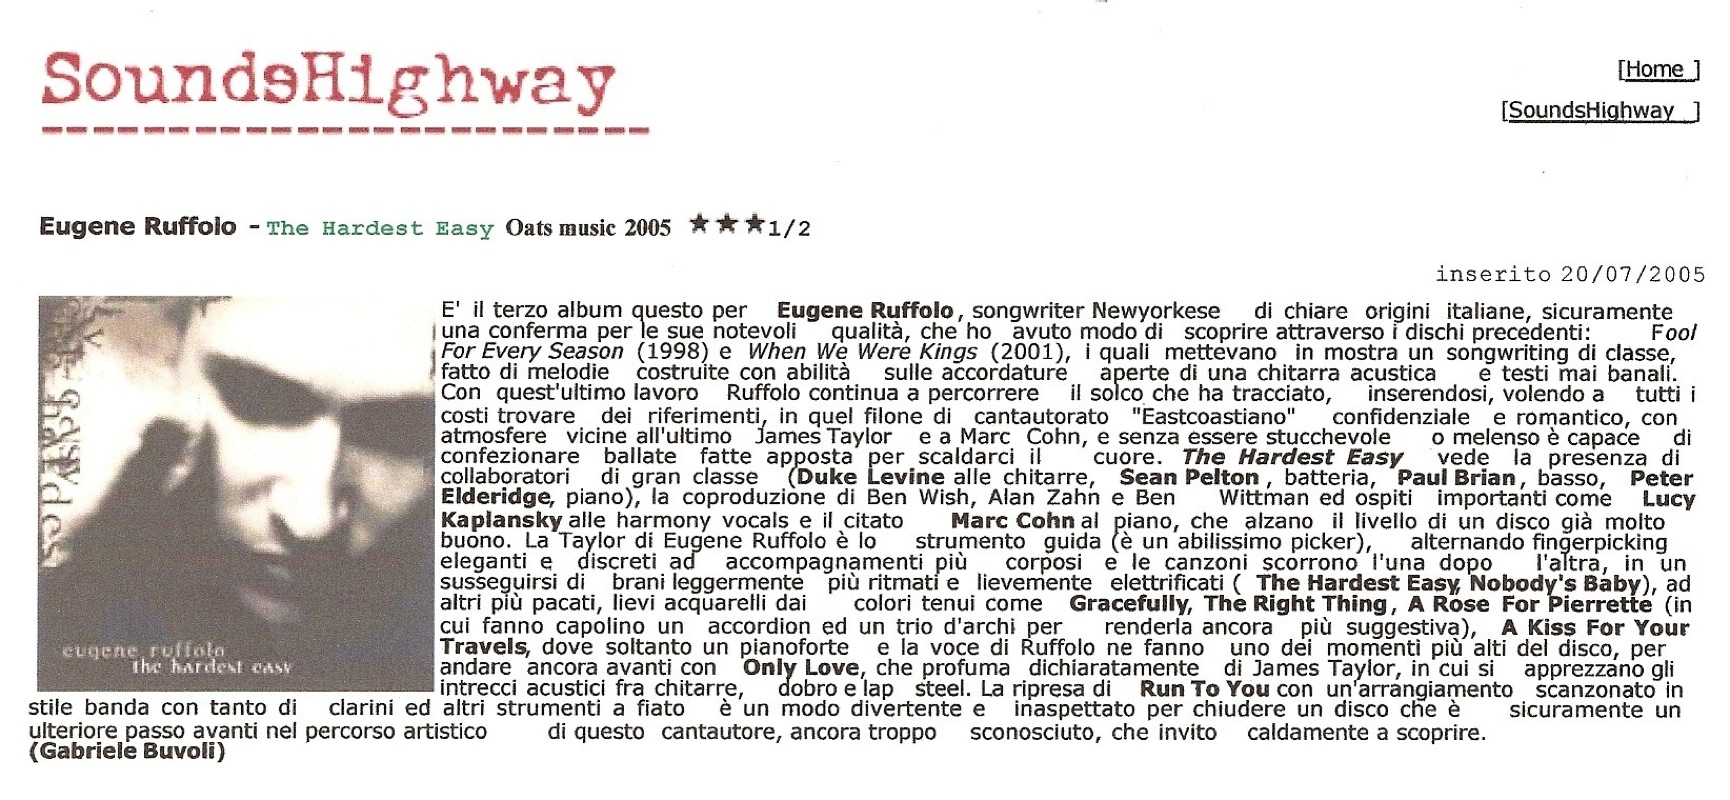 sounds highway---Italian--RE